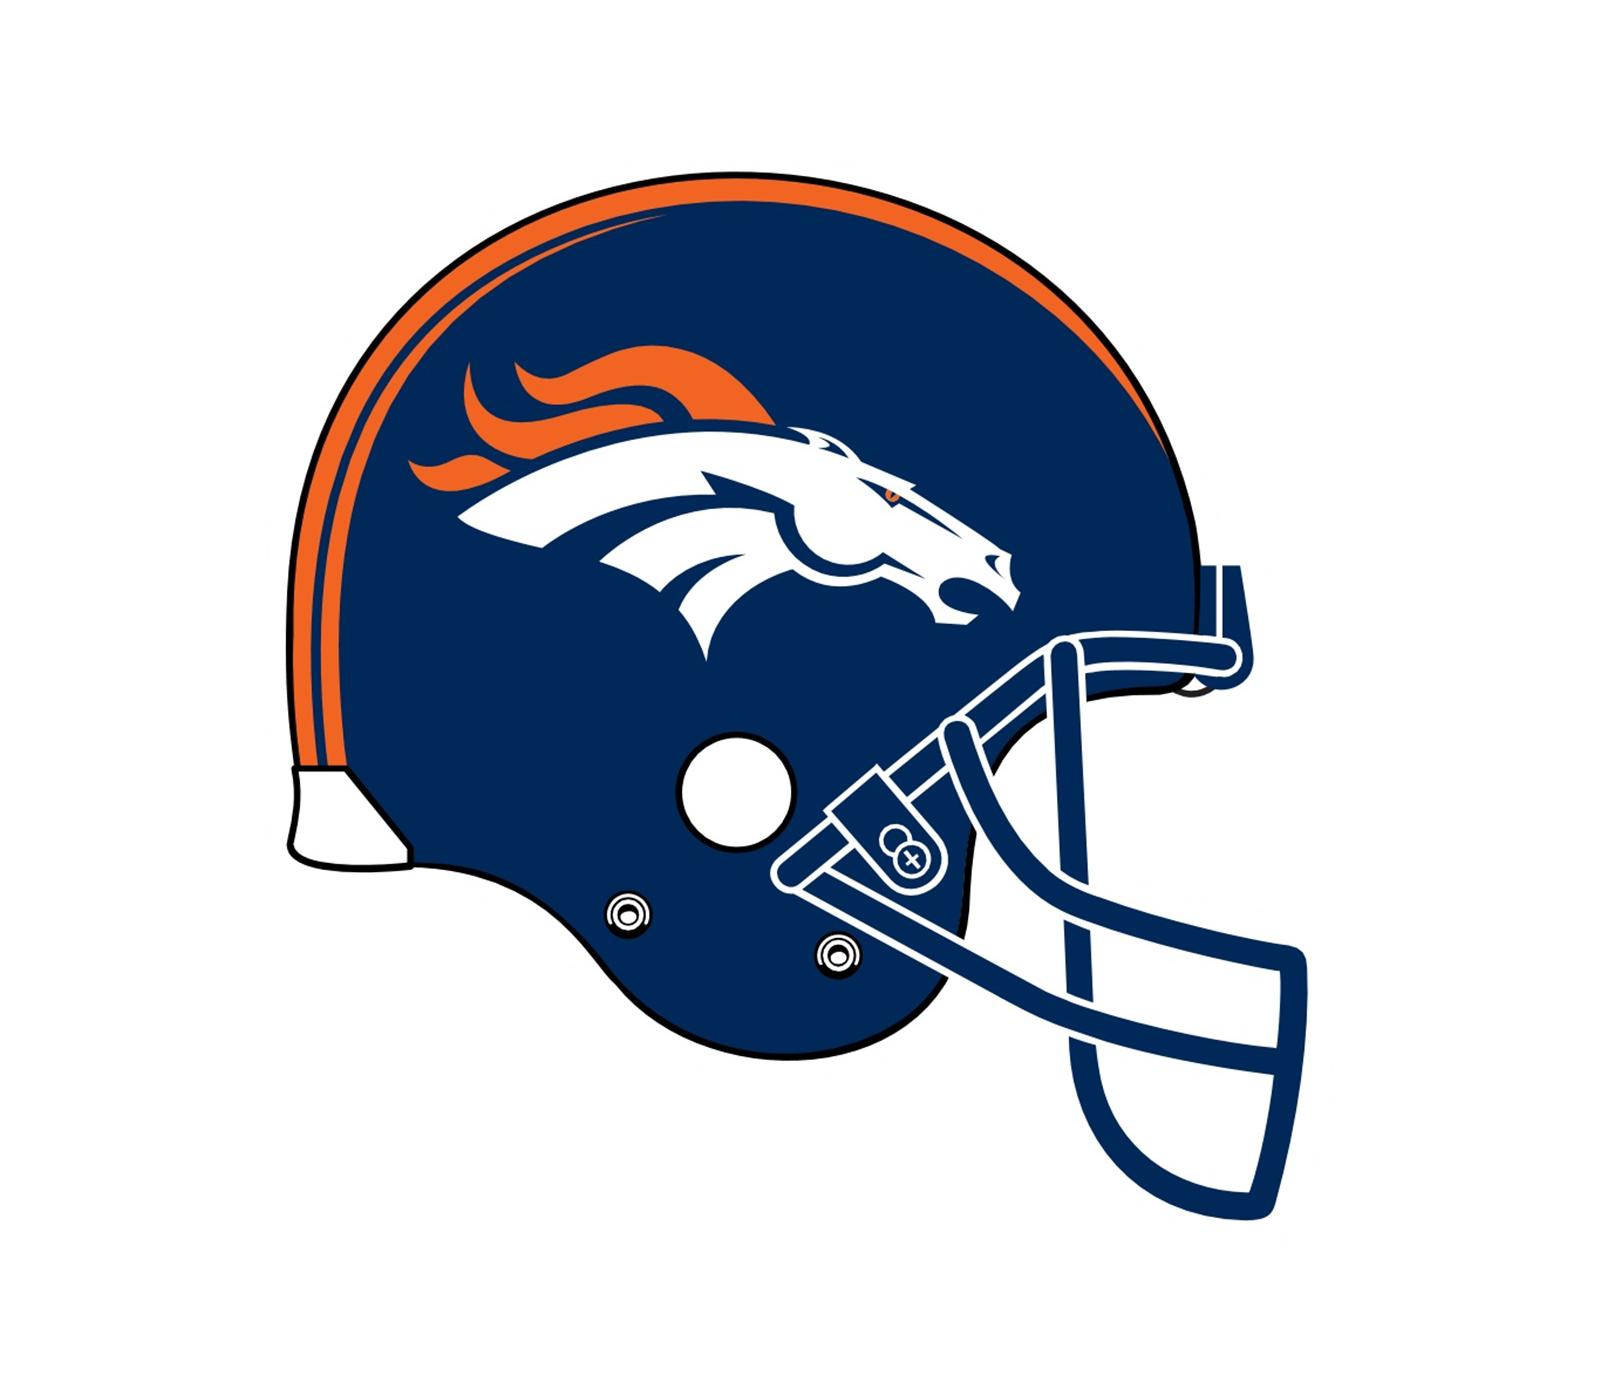 svg download Broncos svg football. Denver logo png transparent